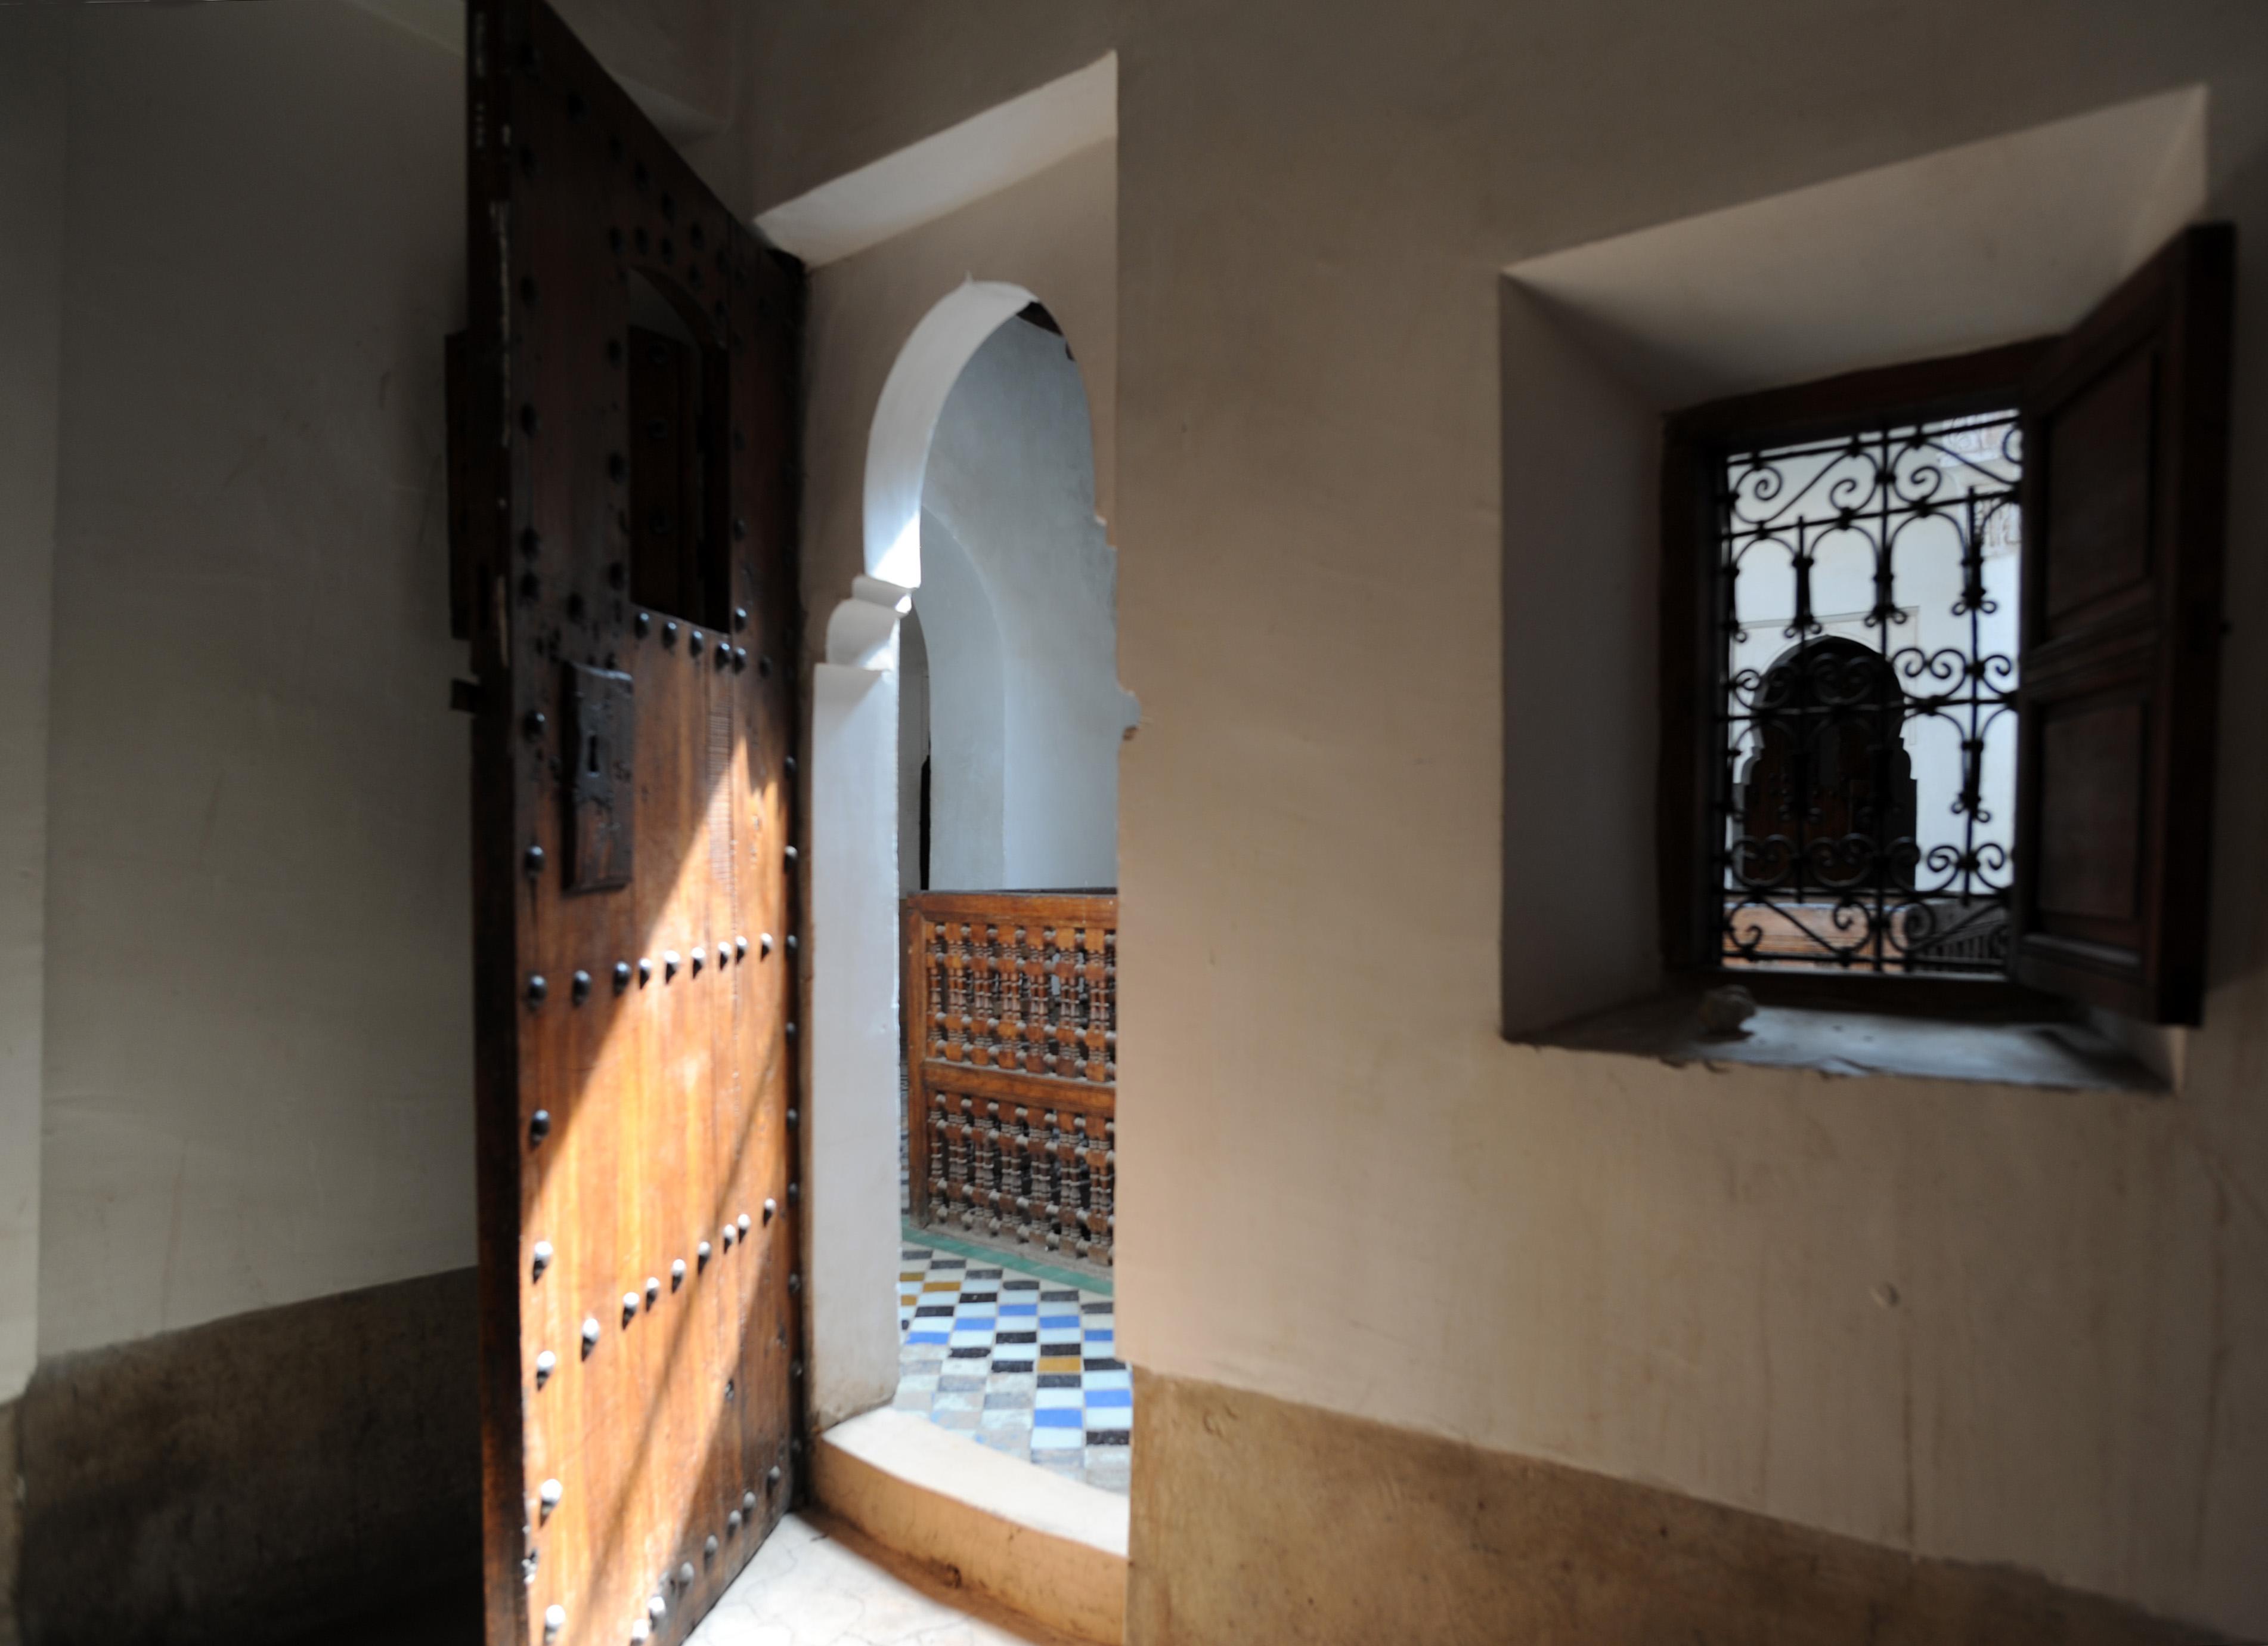 La m dersa ben youssef marrakech au maroc for Fenetre sur cour casablanca